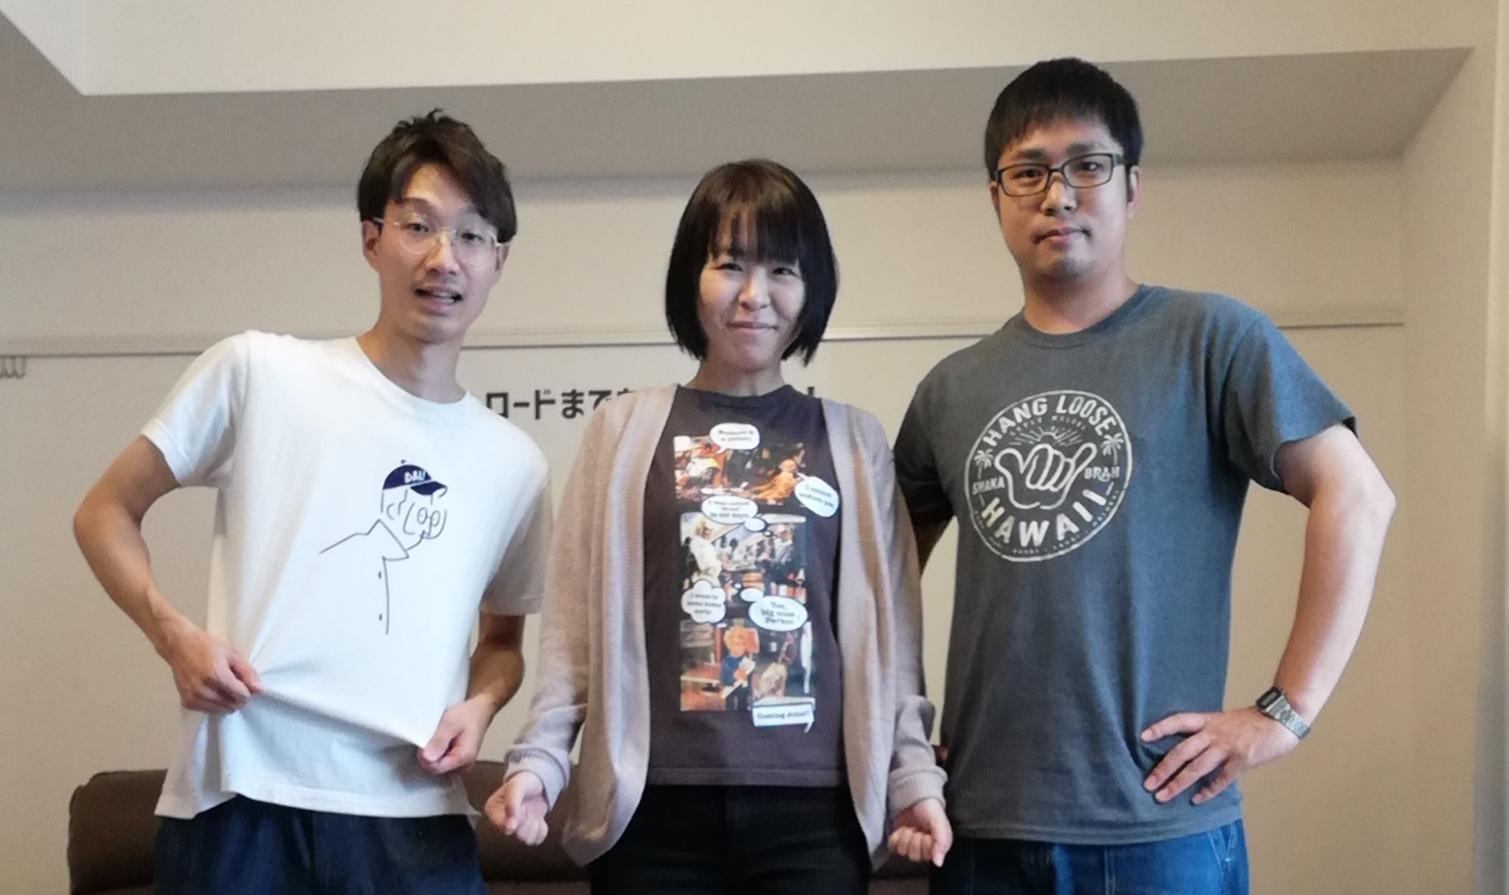 #34 ゲスト!K-PRO社長、児島気奈登場!一番ダサいTシャツは誰だ!!!